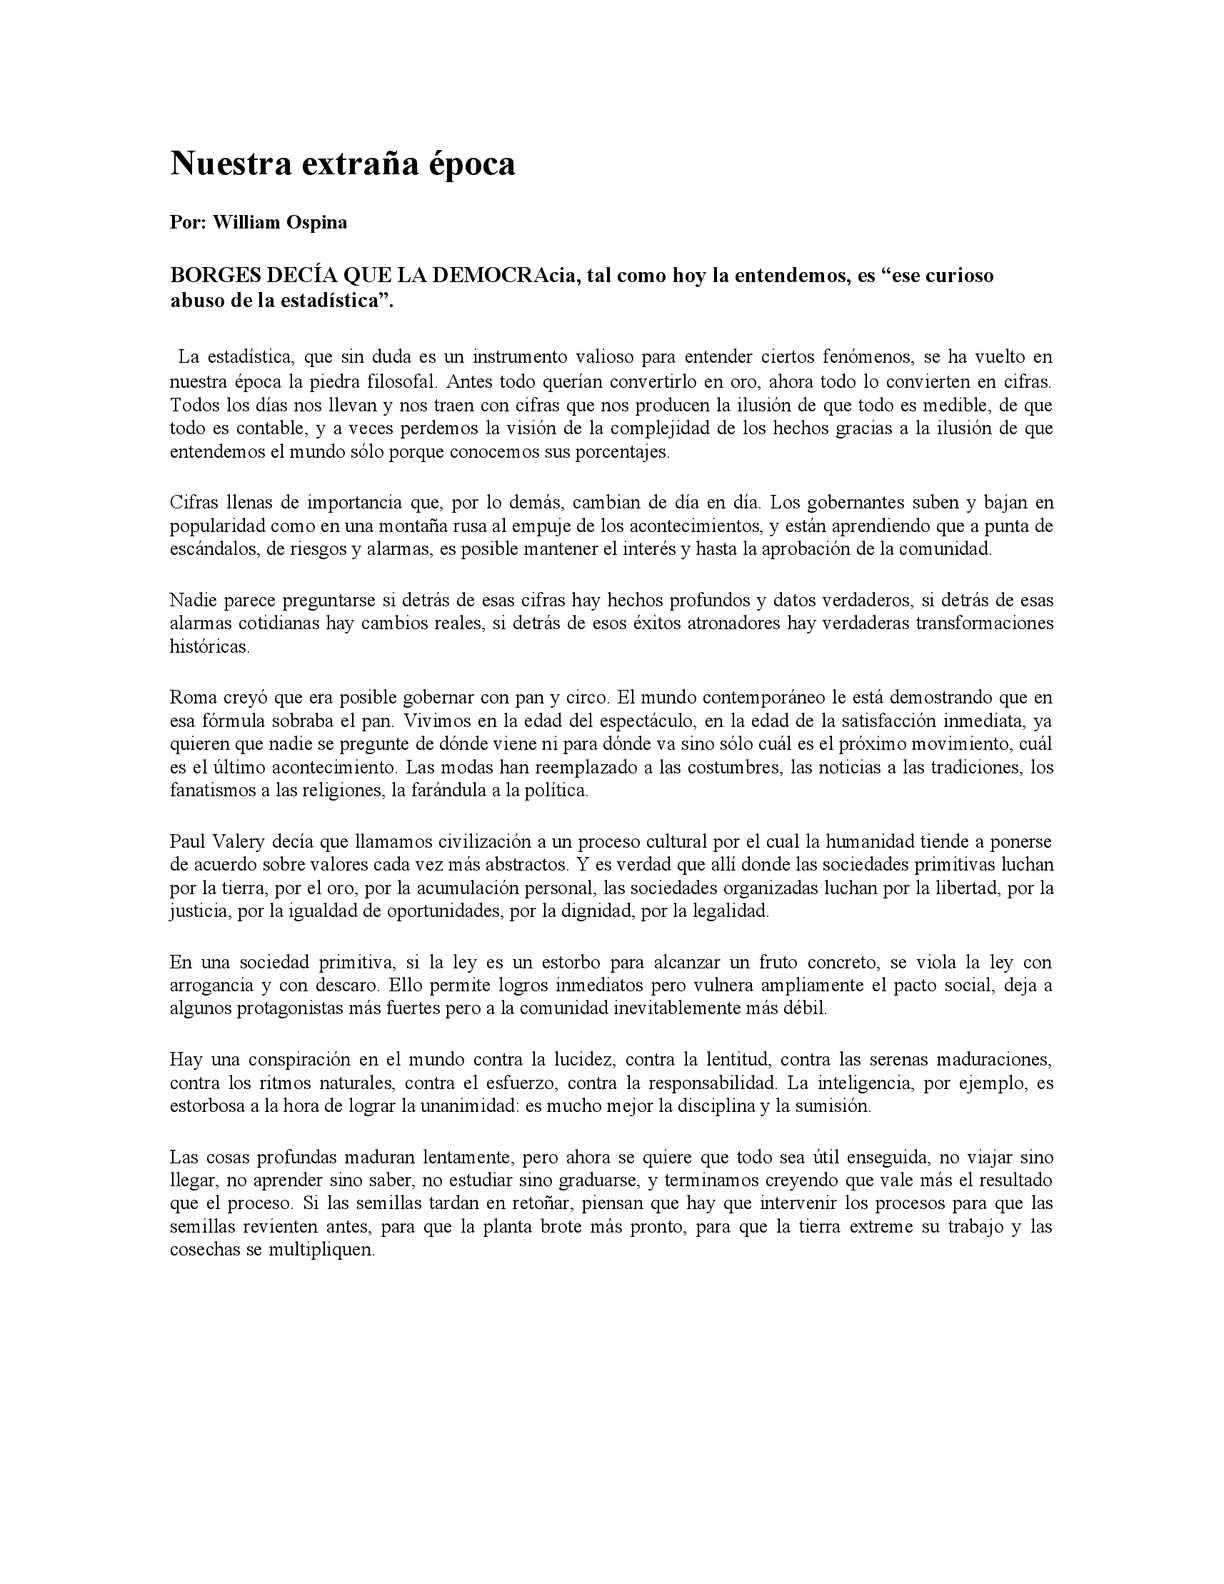 Calaméo - ENSAYO DE WILLIAM OSPINA